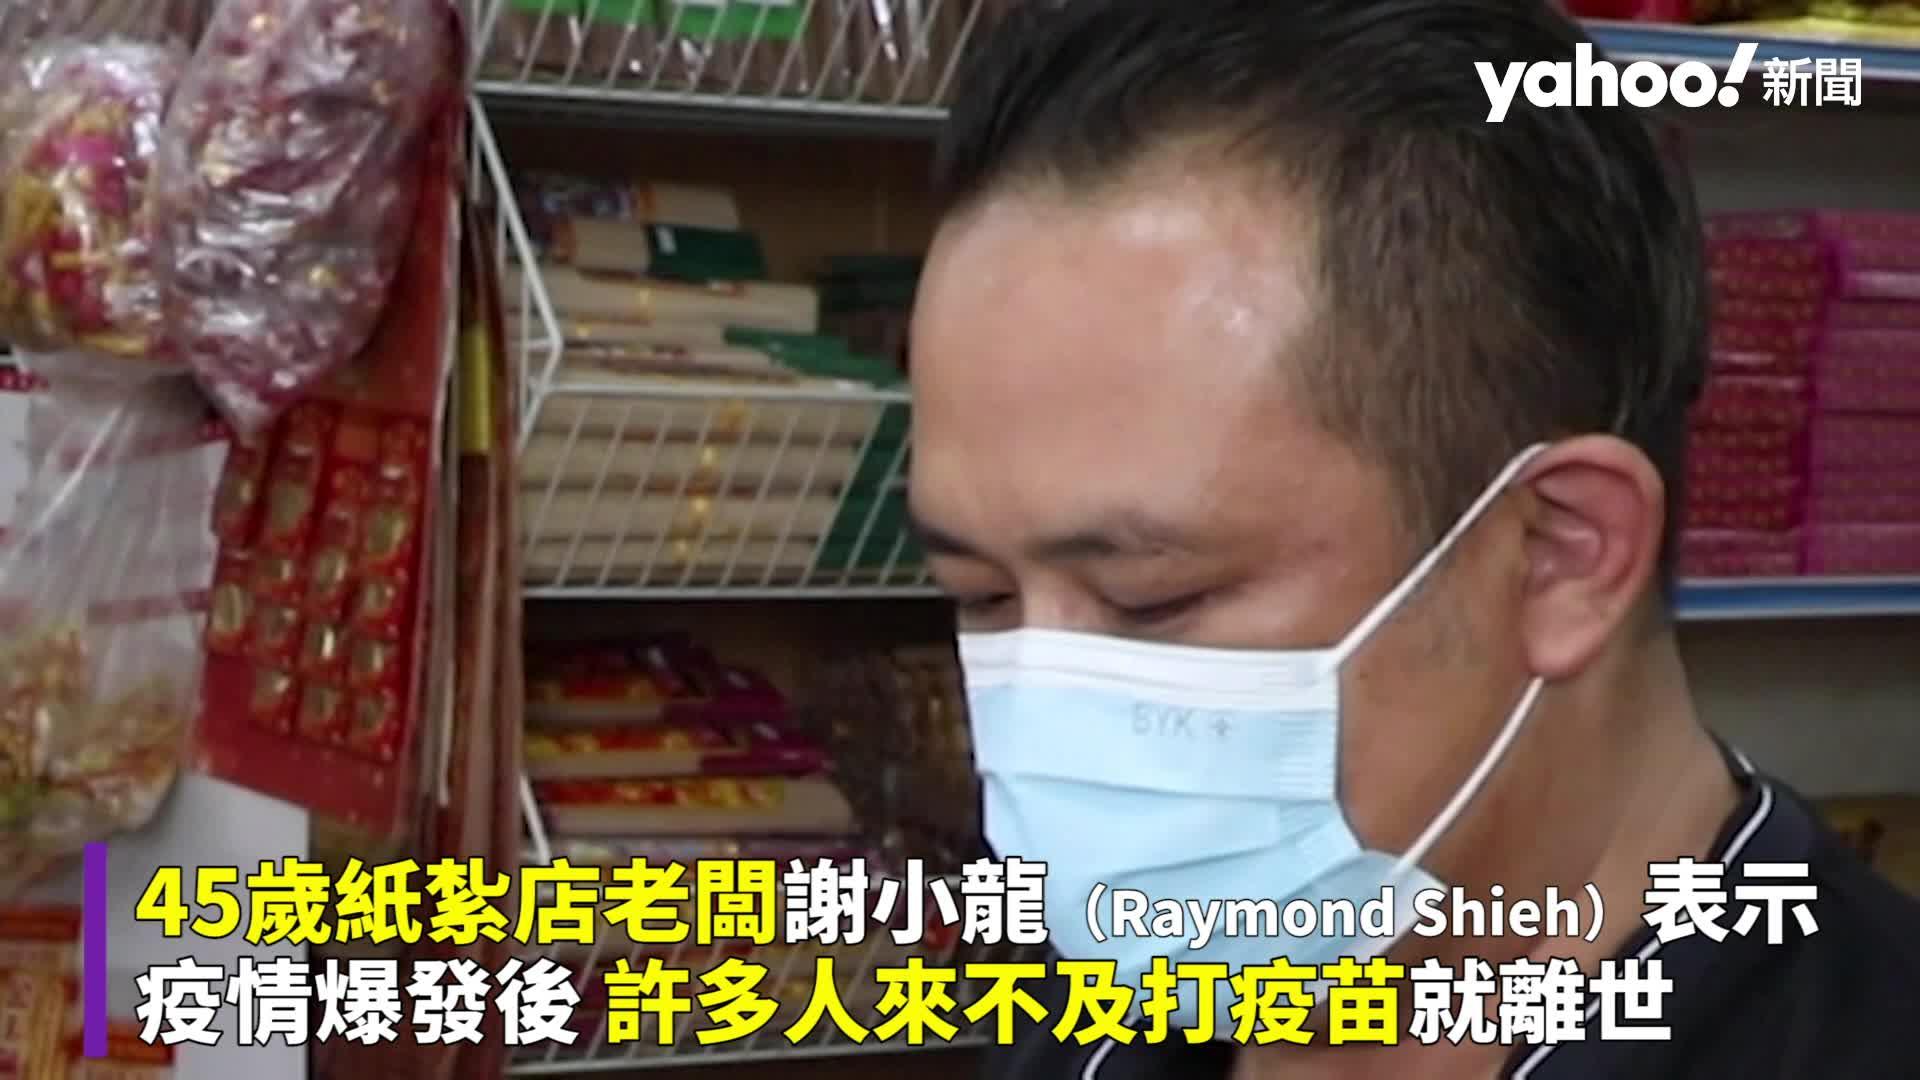 燒給來不及打的親友 馬來西亞紙紮店「地府新冠疫苗」熱賣